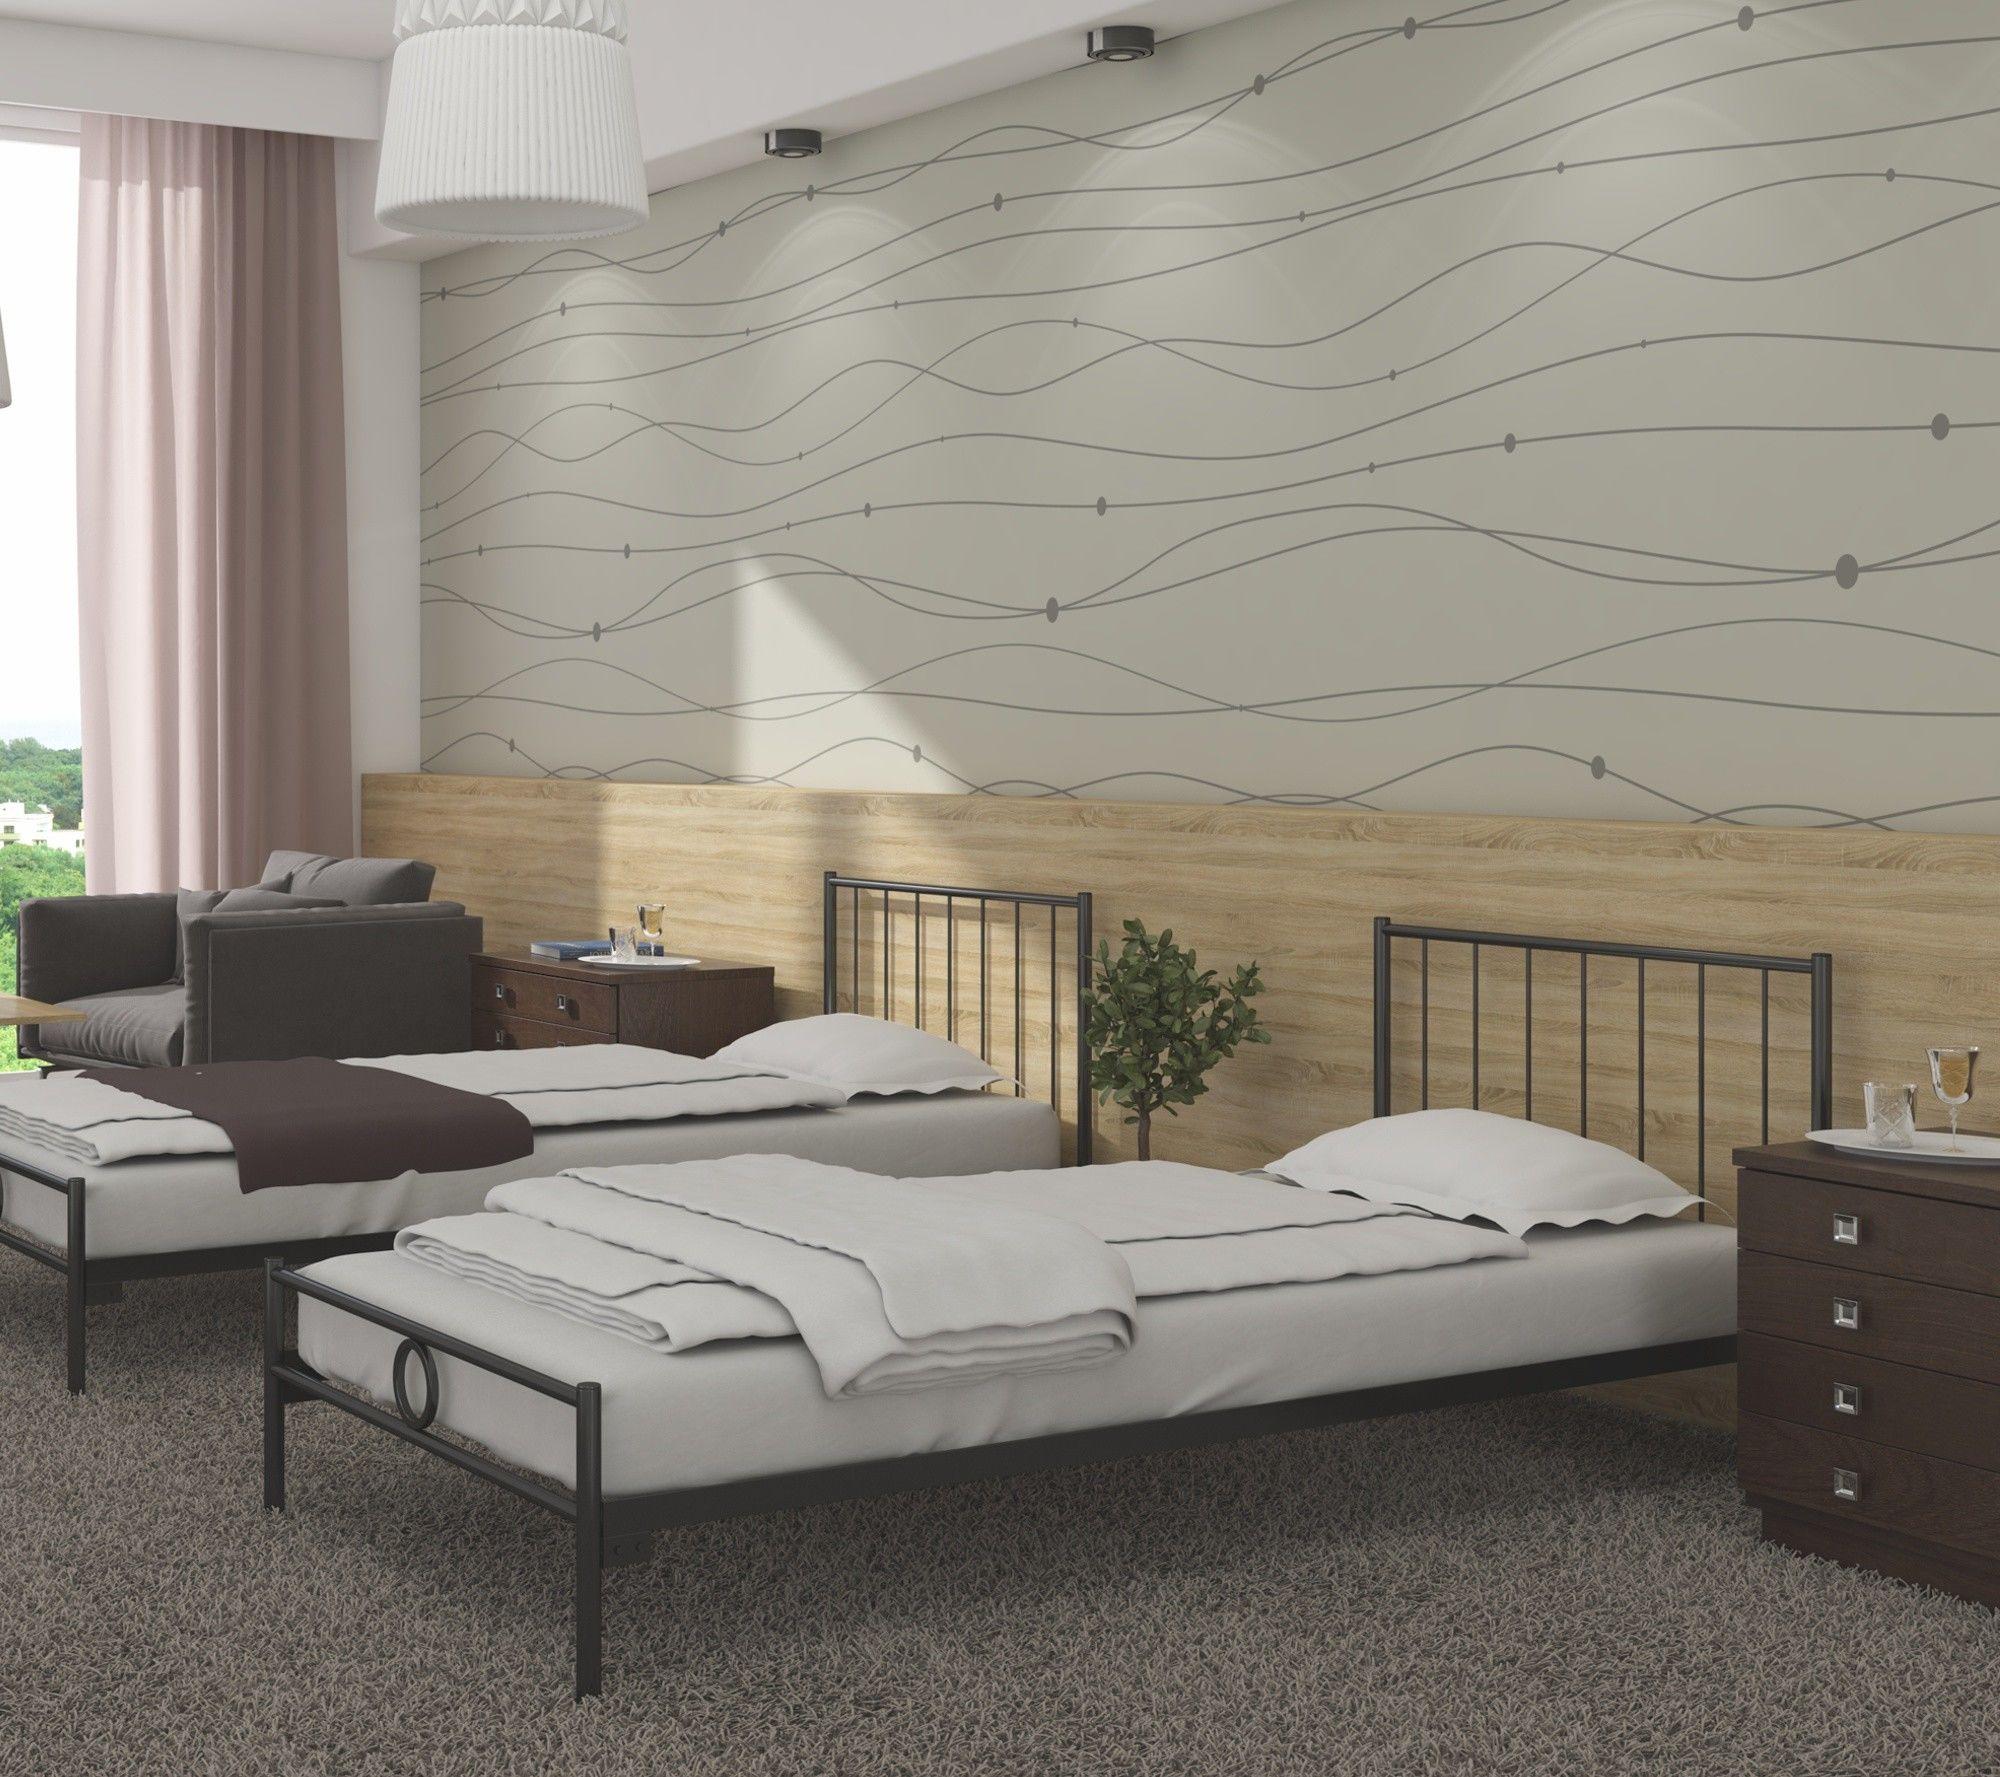 łóżko metalowe 80x180 wzór 3J ze stelażem pod materac